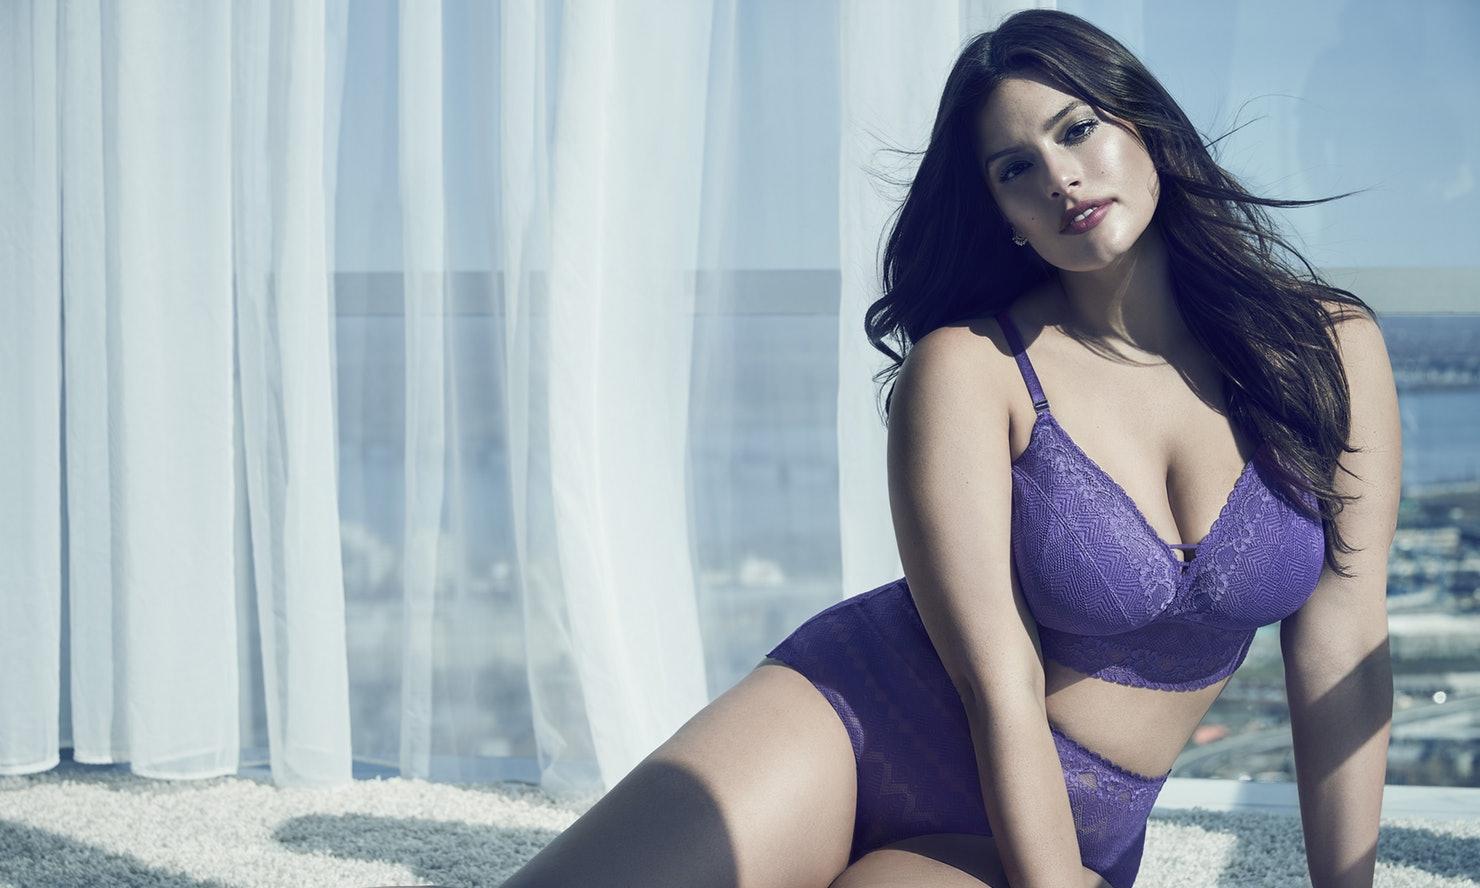 de18756720cf5 Purple Rain by Ashley Graham - New lingerie collection has landed ...